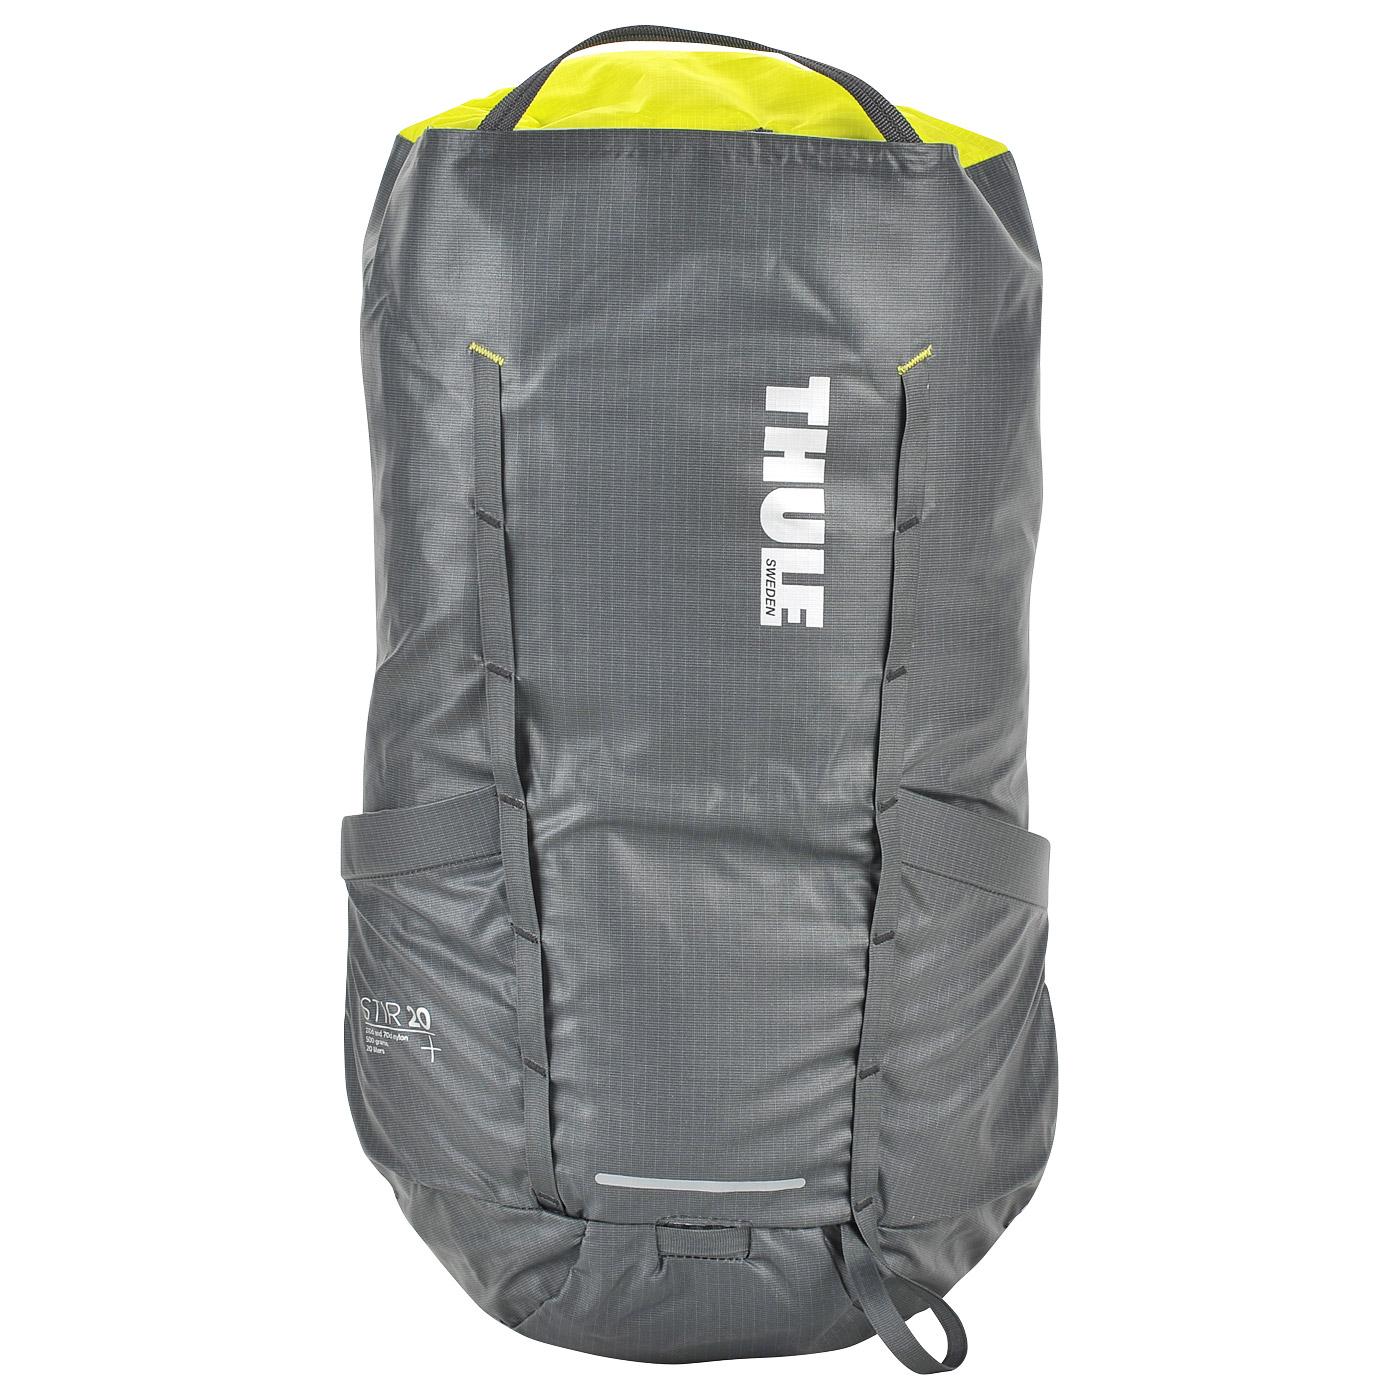 Рюкзак Thule Stir серый 20 л